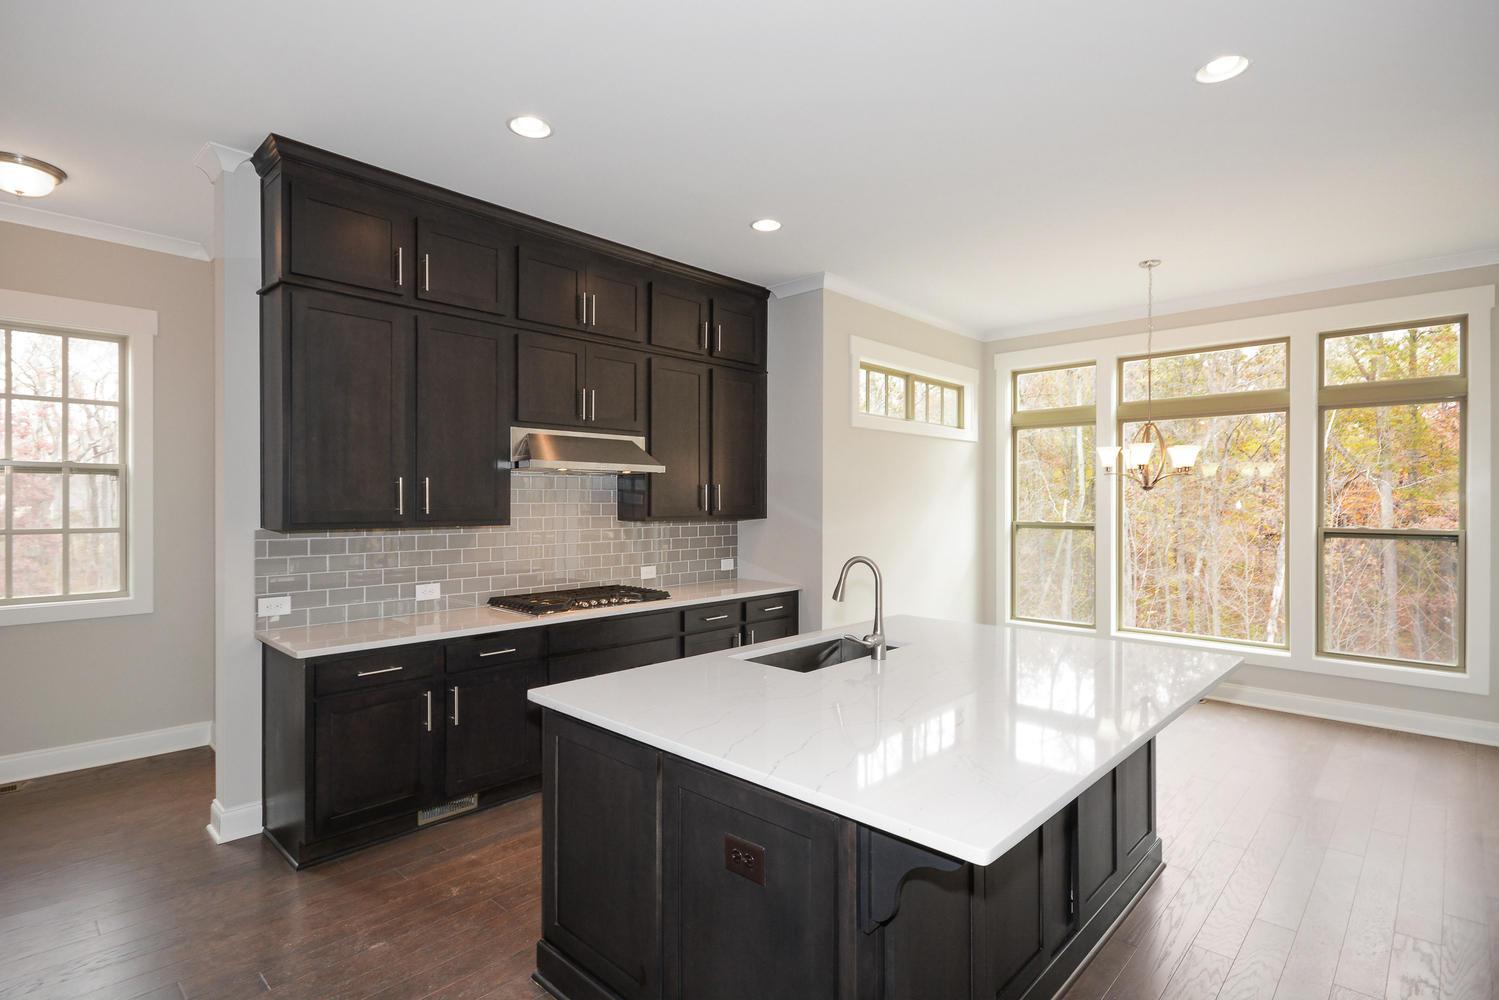 Dunes West Homes For Sale - 2919 Eddy, Mount Pleasant, SC - 26